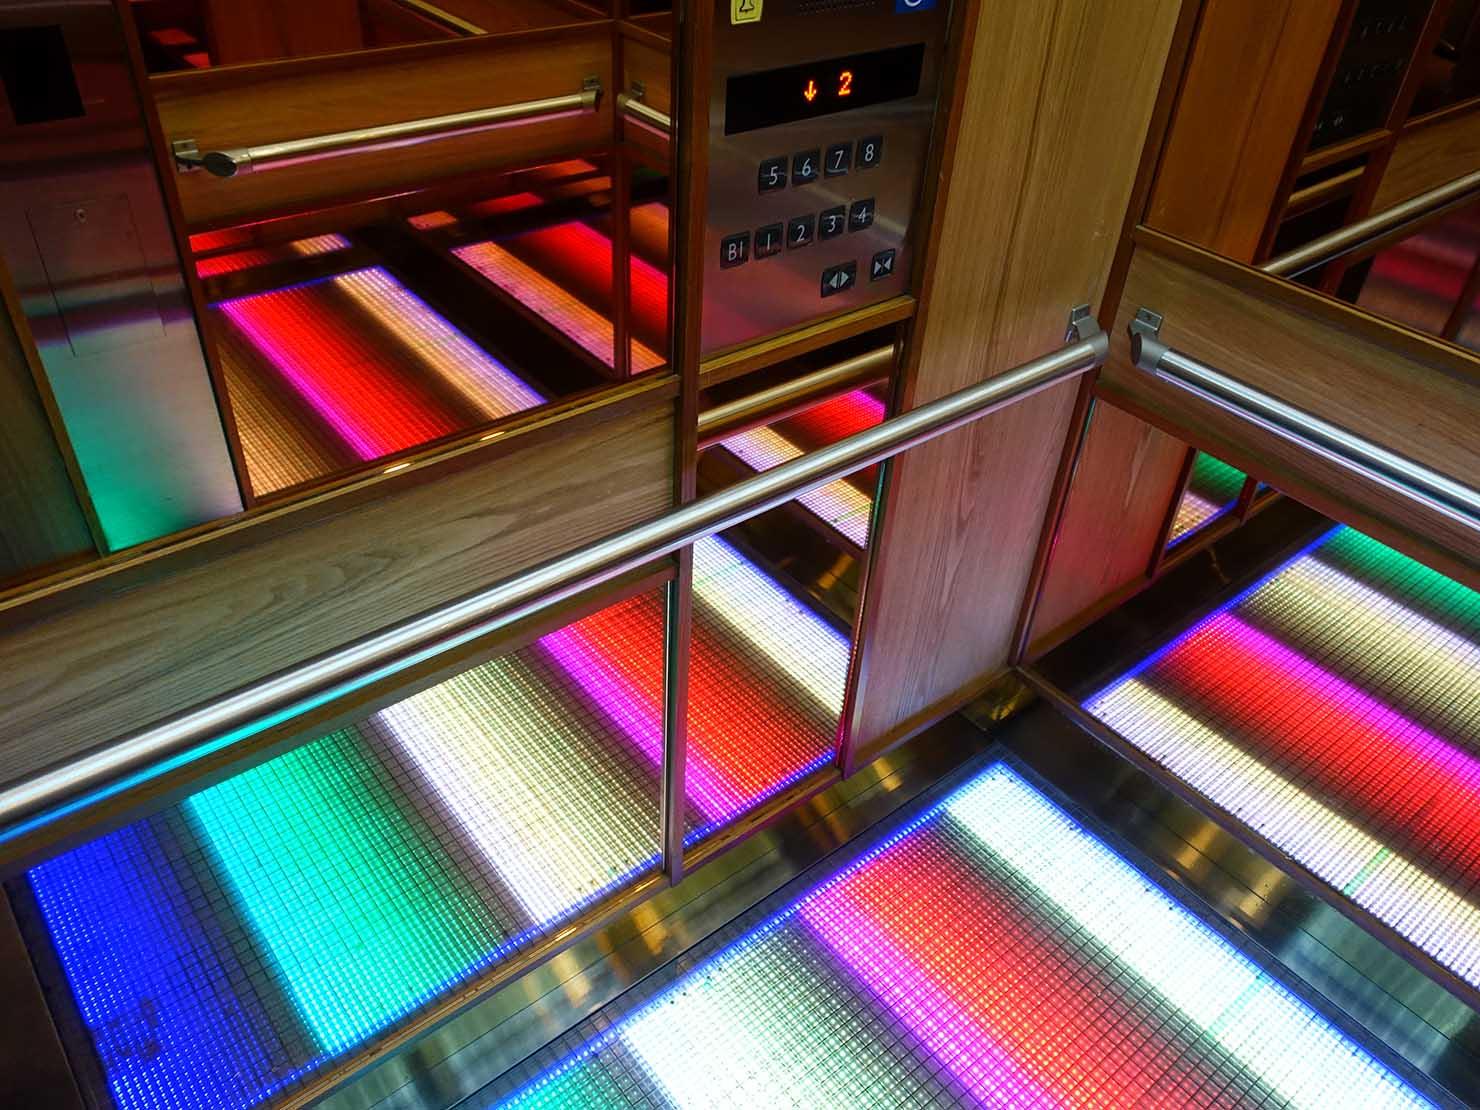 台中駅前のおすすめデザインホテル「紅點文旅 RedDot Hotel」のエレベーター